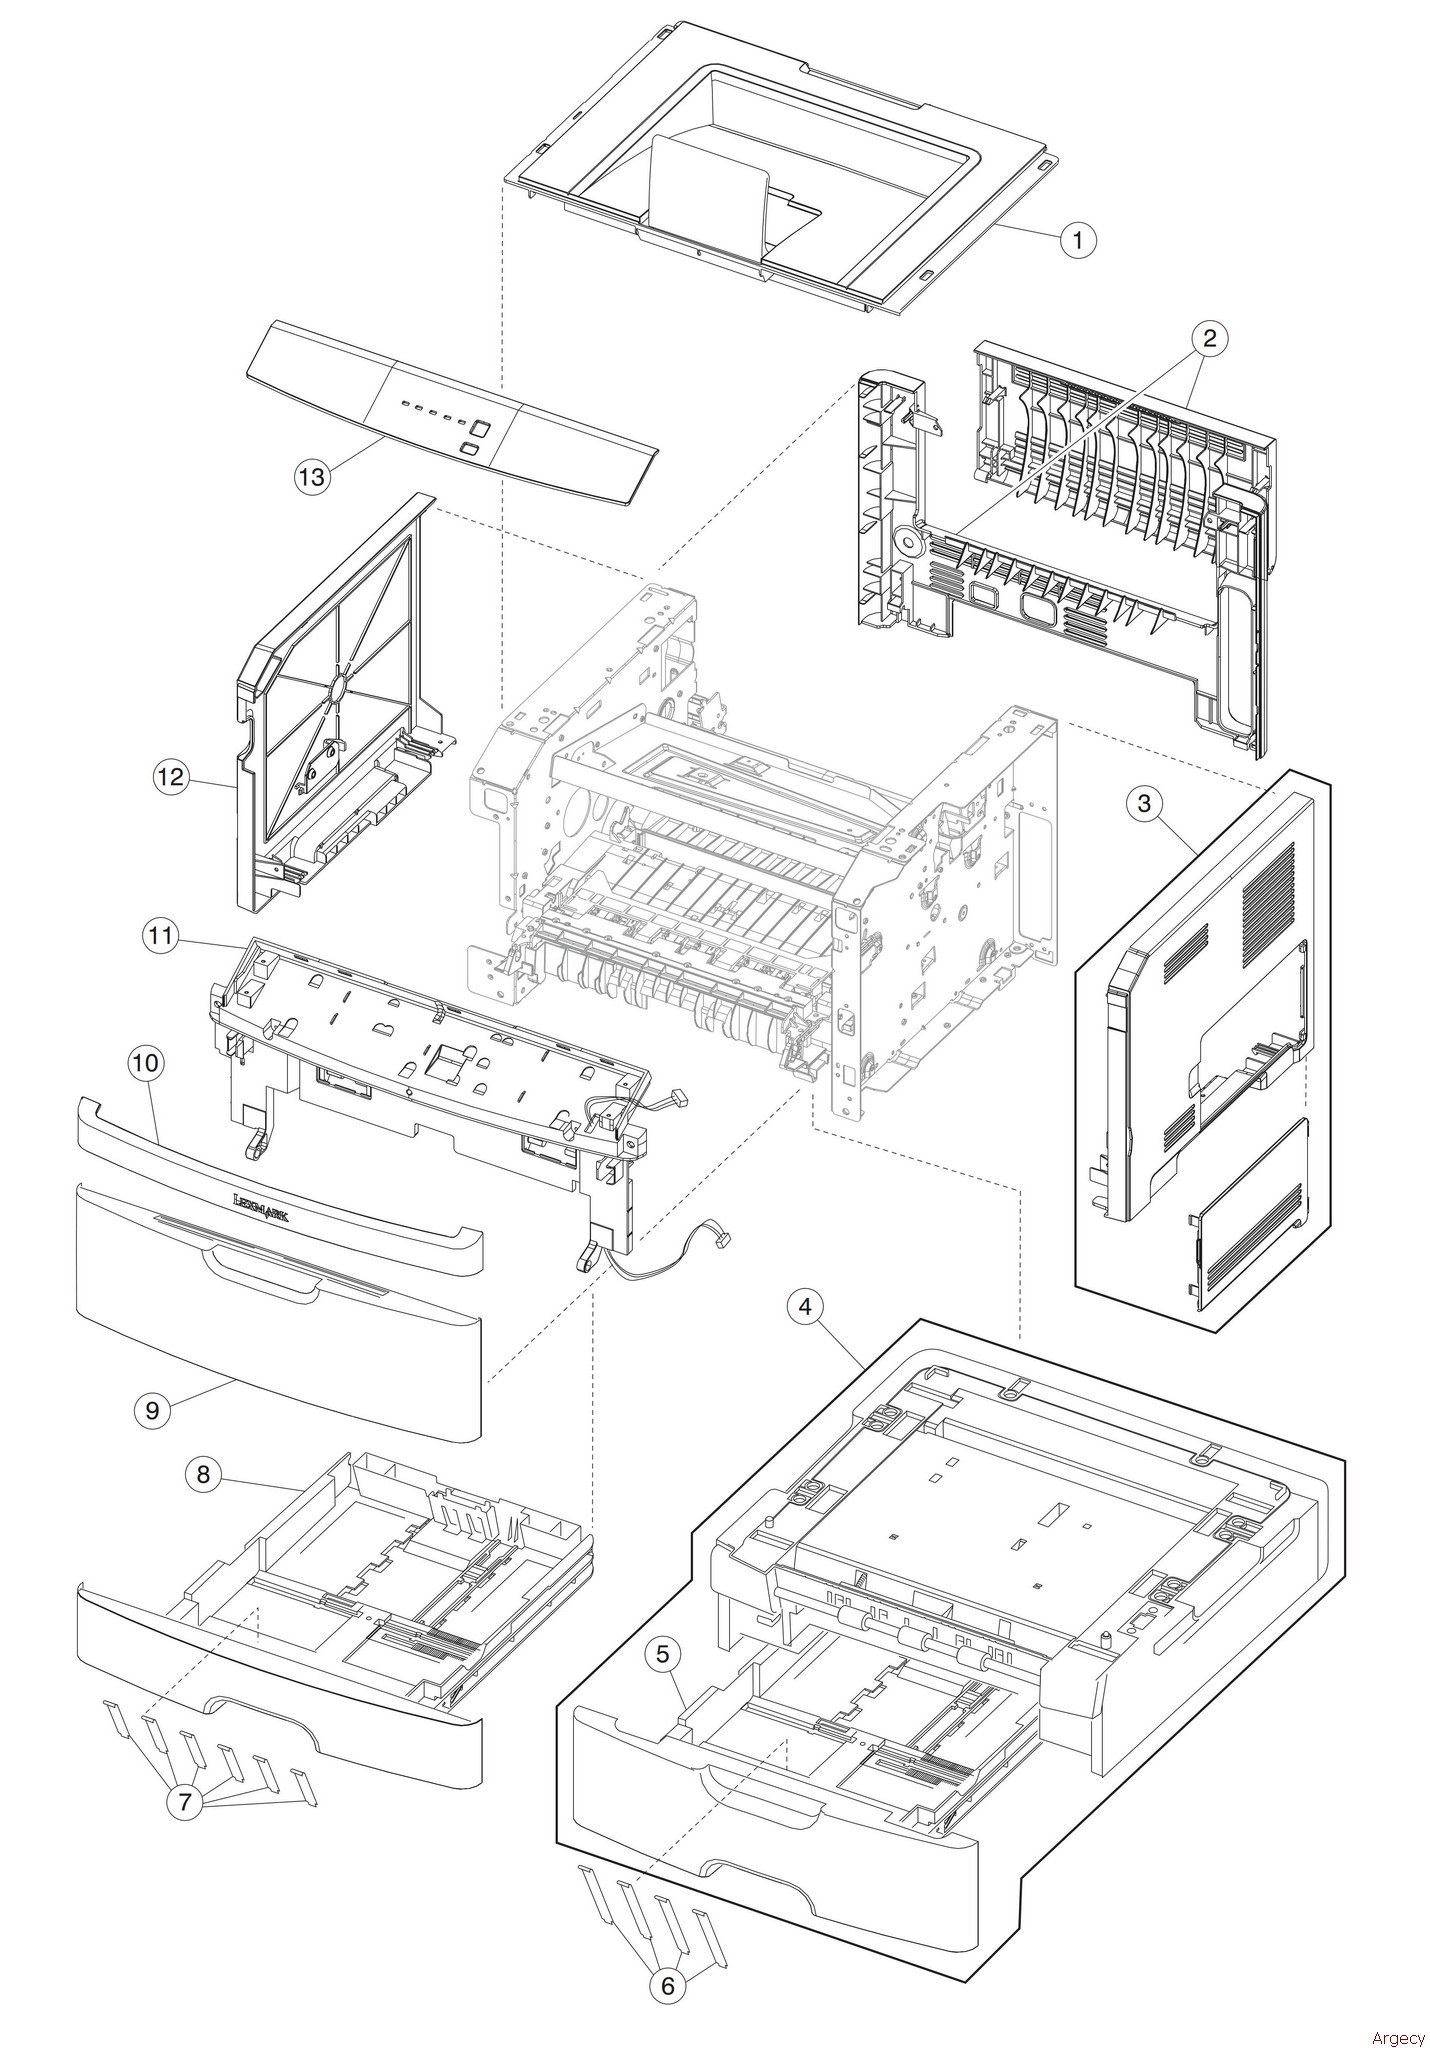 https://www.argecy.com/images/e260-parts-162.jpg